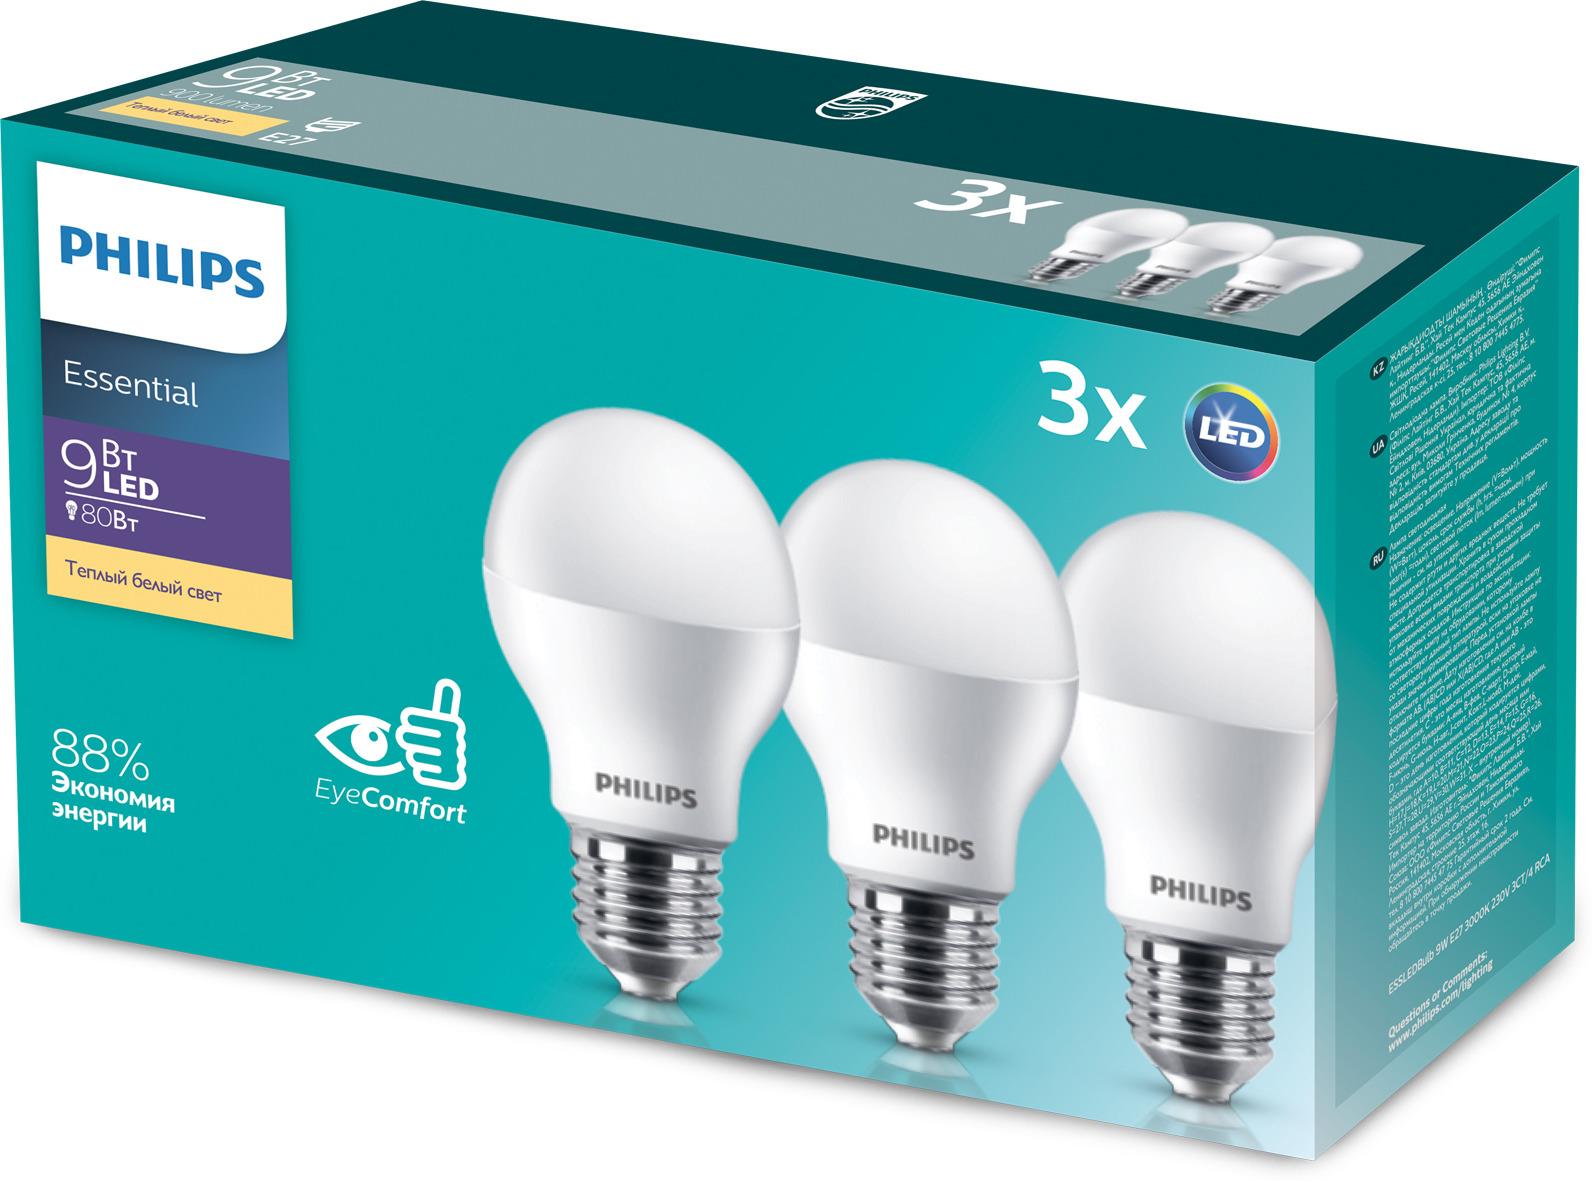 Лампочка Philips светодиодная Essential LEDBulb, Нейтральный свет 9 Вт, Светодиодная лампочка philips теплый свет 14 5 вт светодиодная